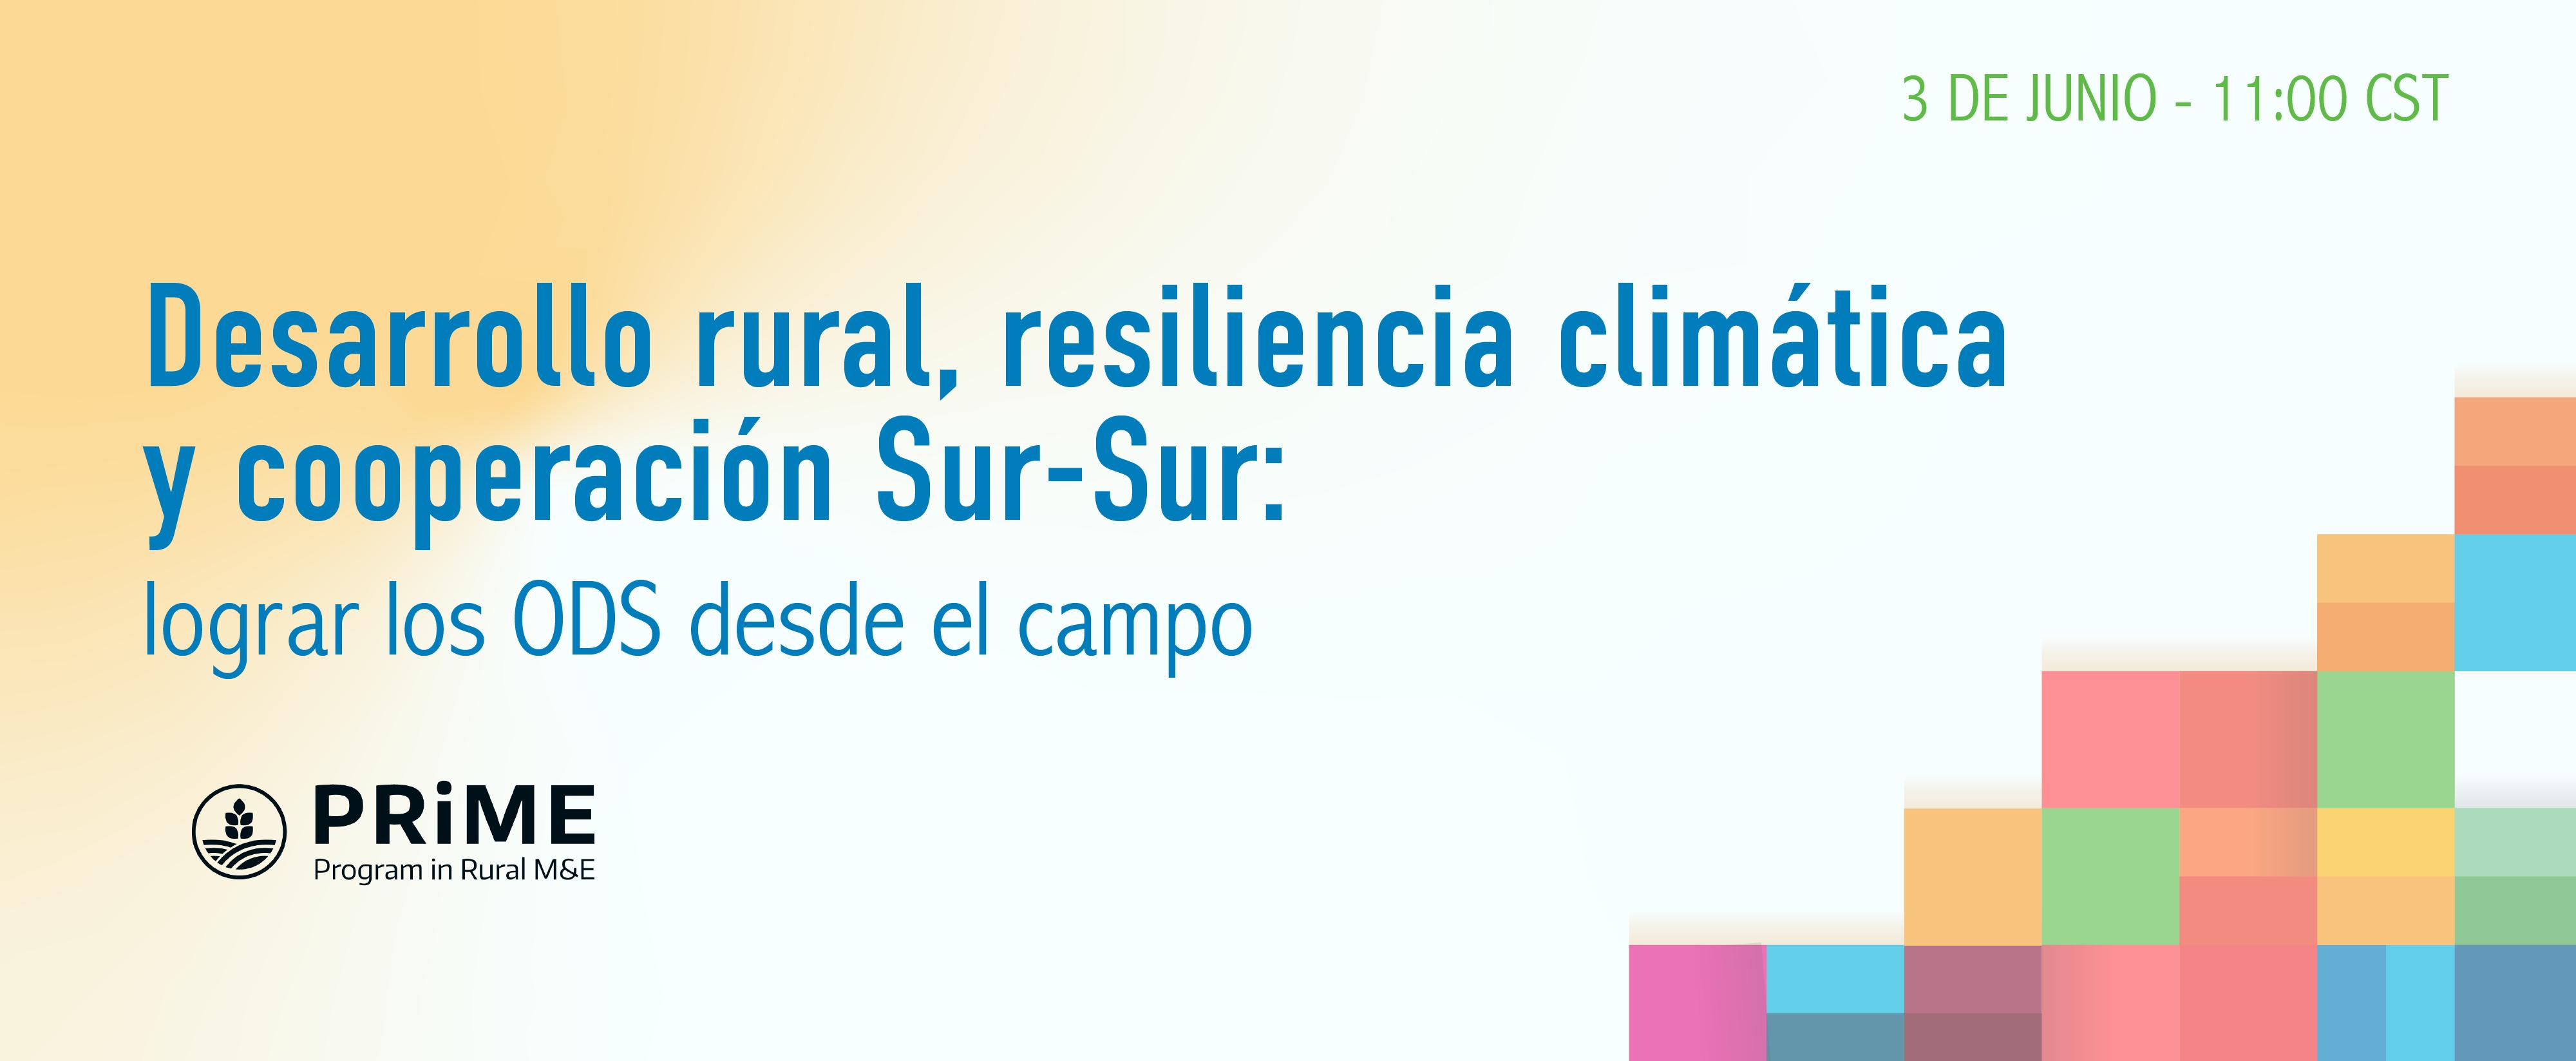 Desarrollo rural, resiliencia climática y cooperación Sur-Sur: lograr los ODS desde el campo – Semana de la Evaluación – gLOCAL2021